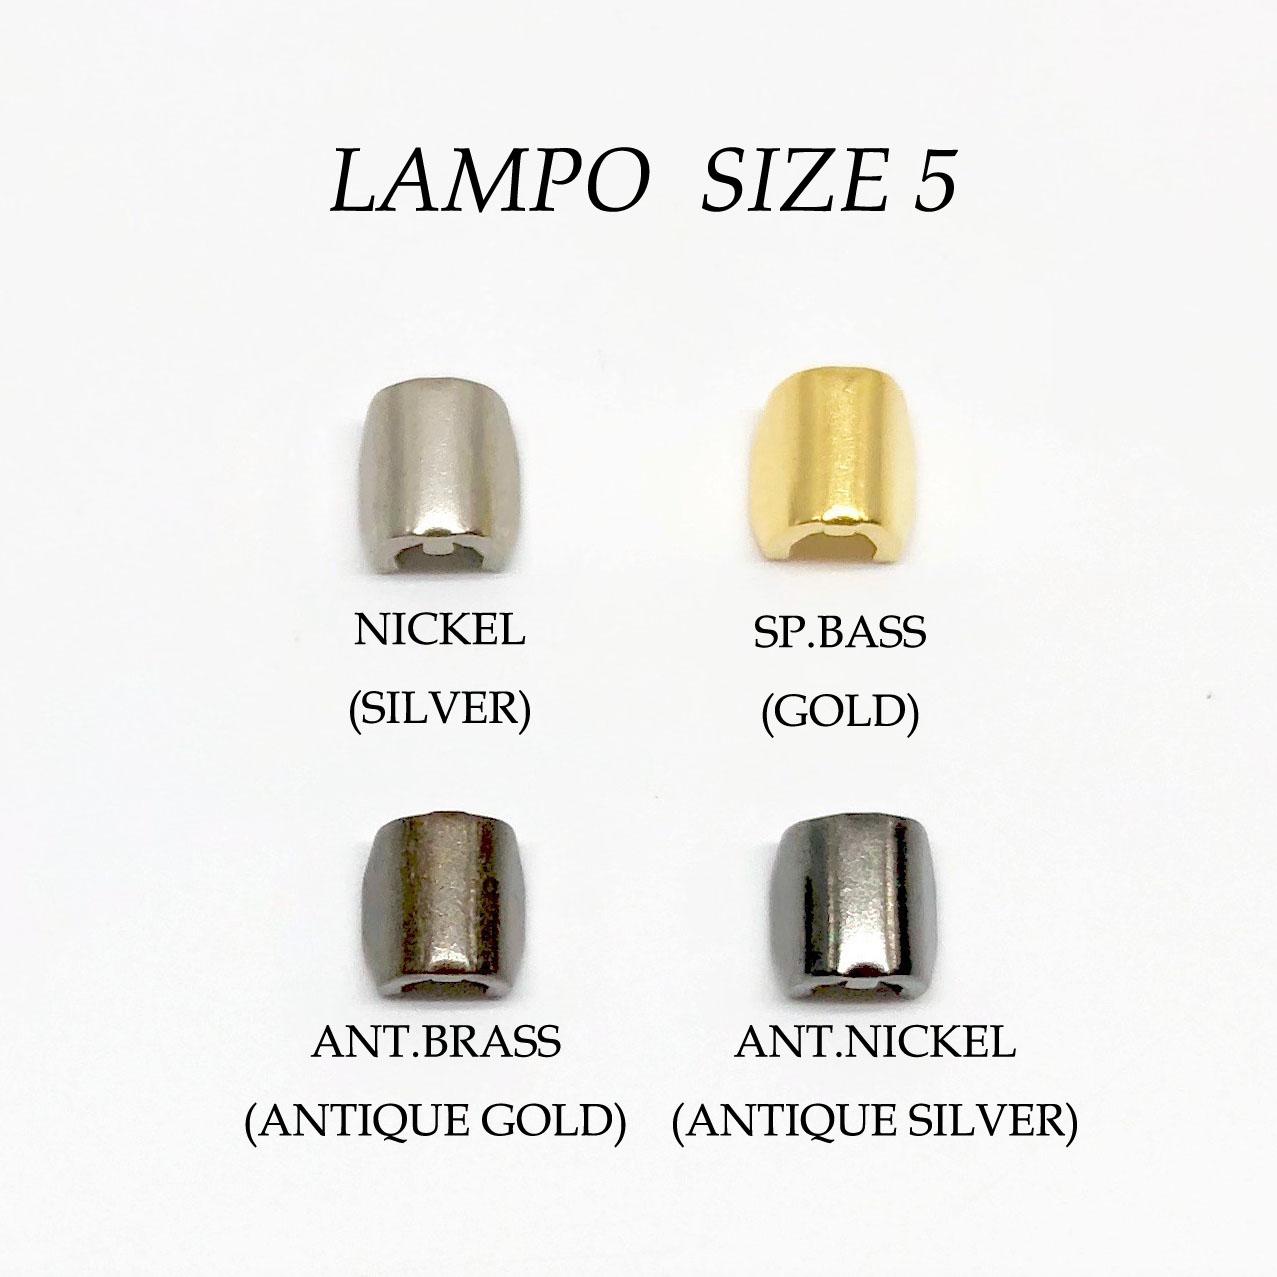 083S スーパーランポファスナー 上止 サイズ5専用 LAMPO(GIOVANNI LANFRANCHI SPA)/オークラ商事 - ApparelX アパレル資材卸通販